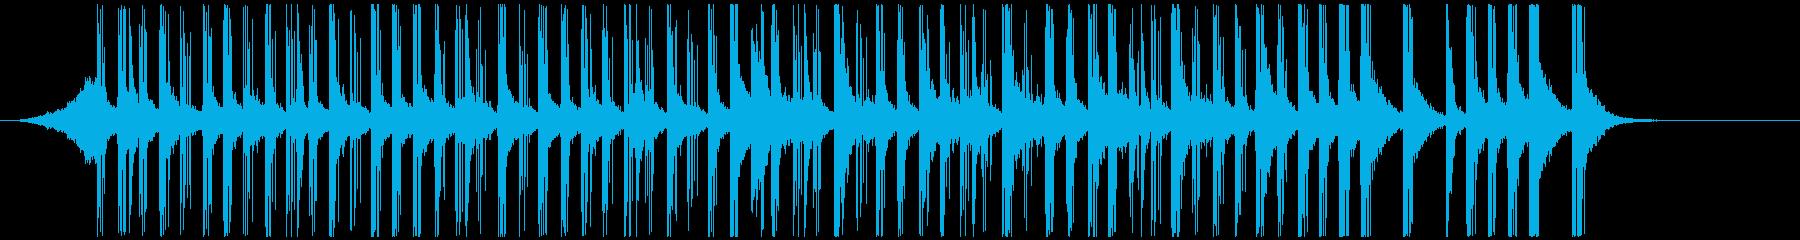 ドラムと手拍子ジングル明るい疾走感(短) の再生済みの波形